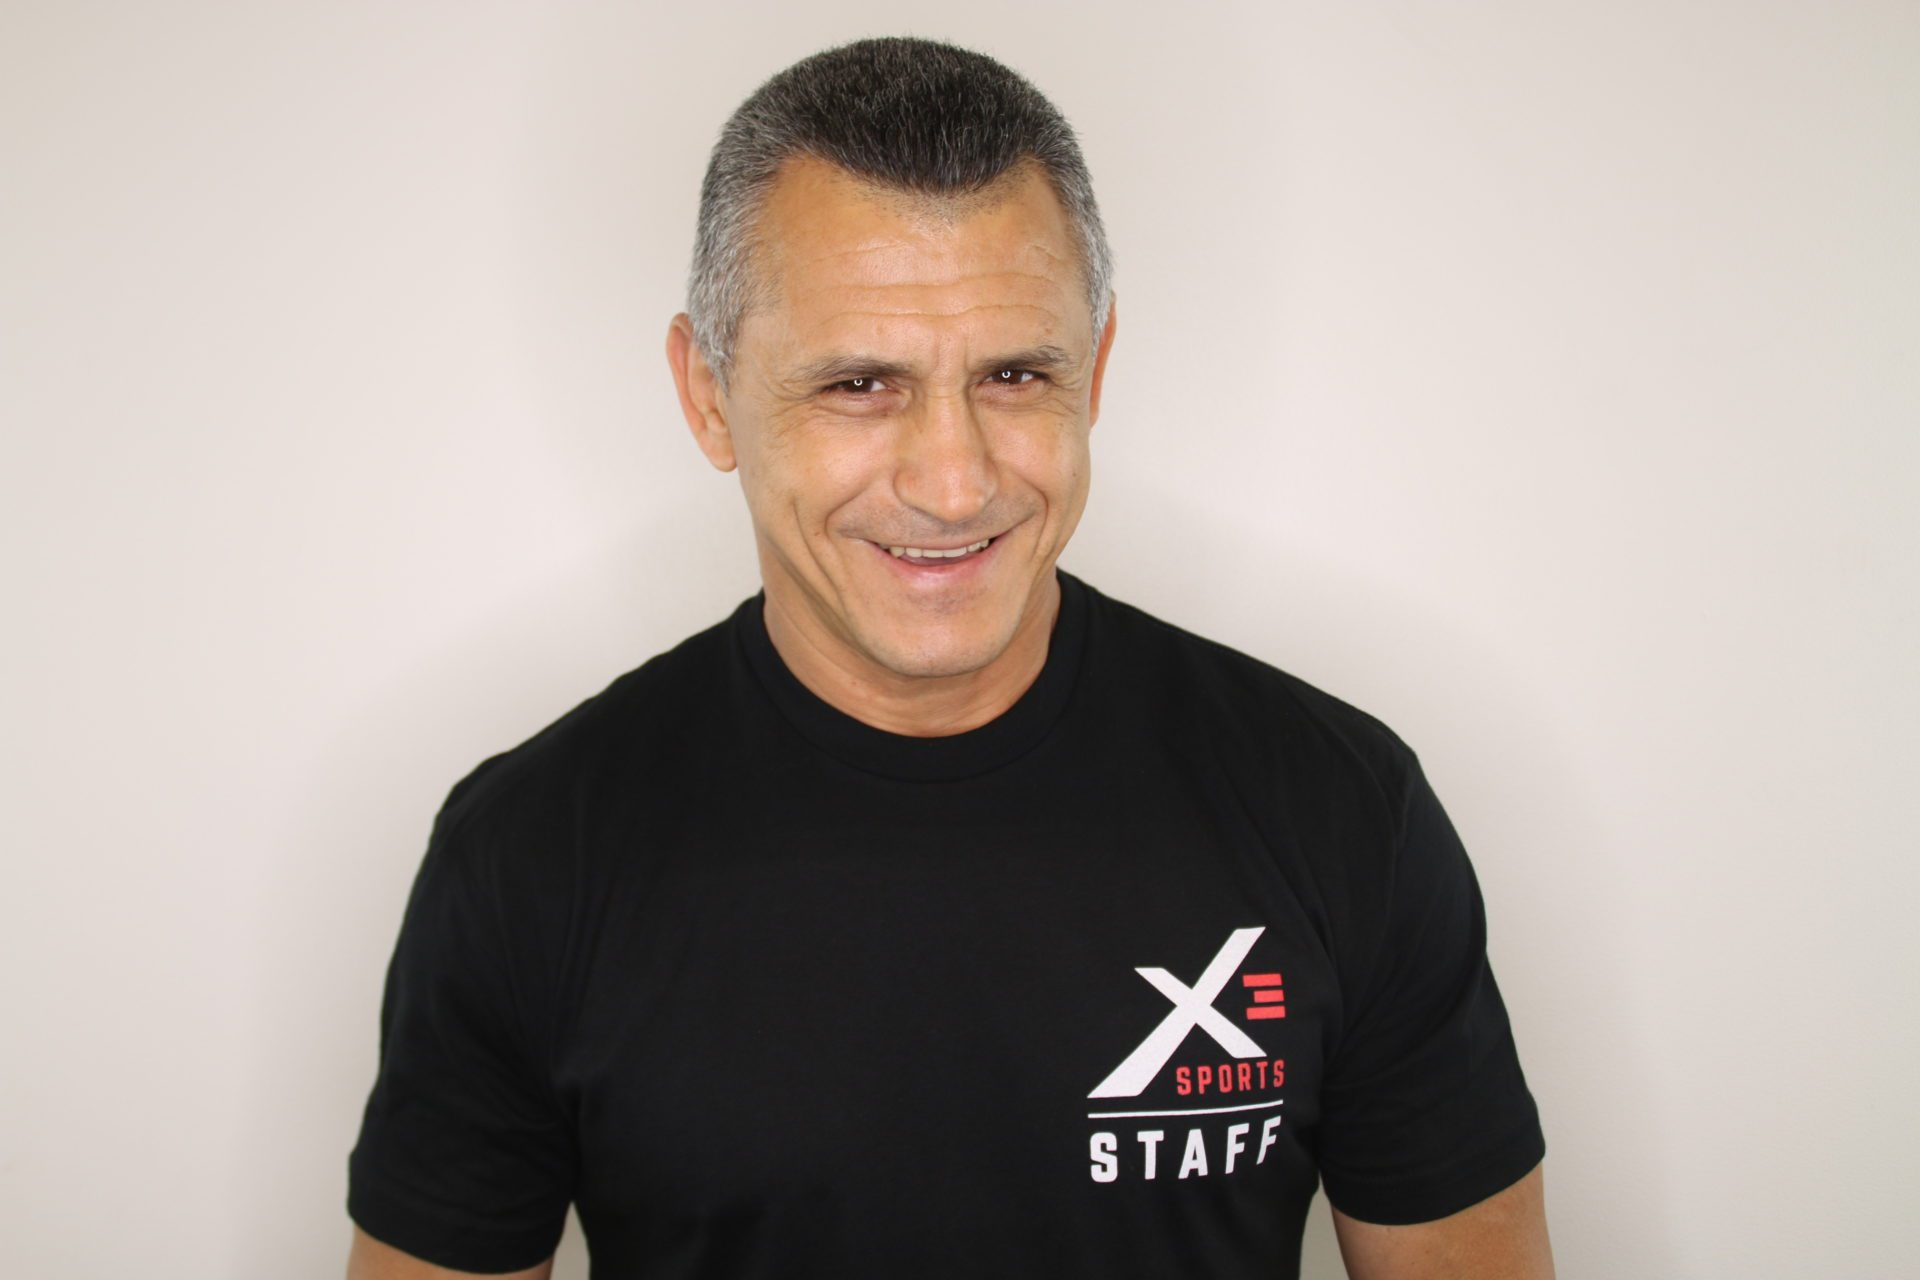 Aladino Rodriguez   X3 Sports Employee   X3 Sports